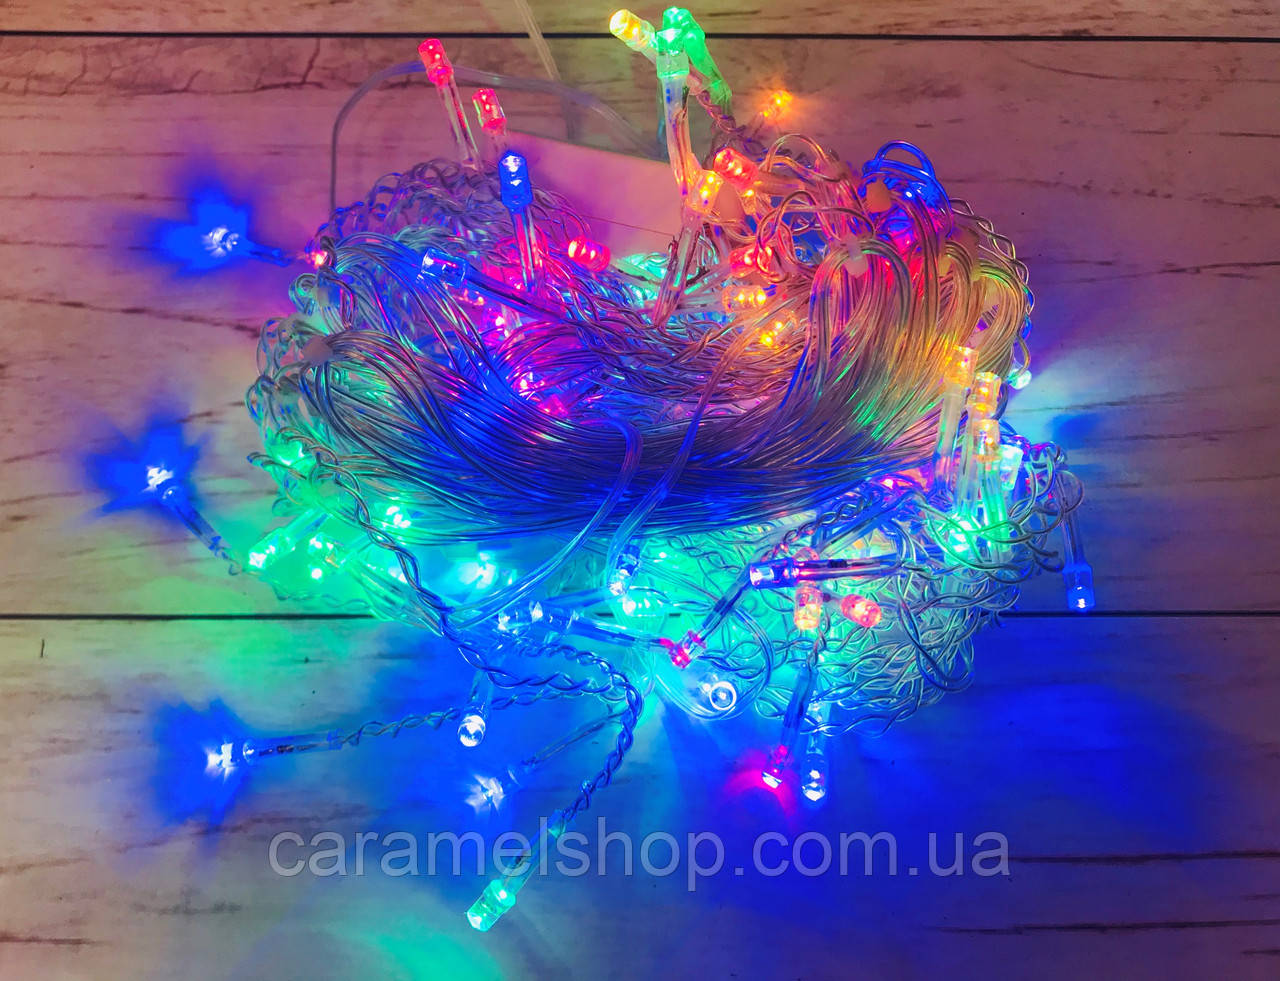 Гирлянда новогодняя Xmas 120PICM сетка мультицветная